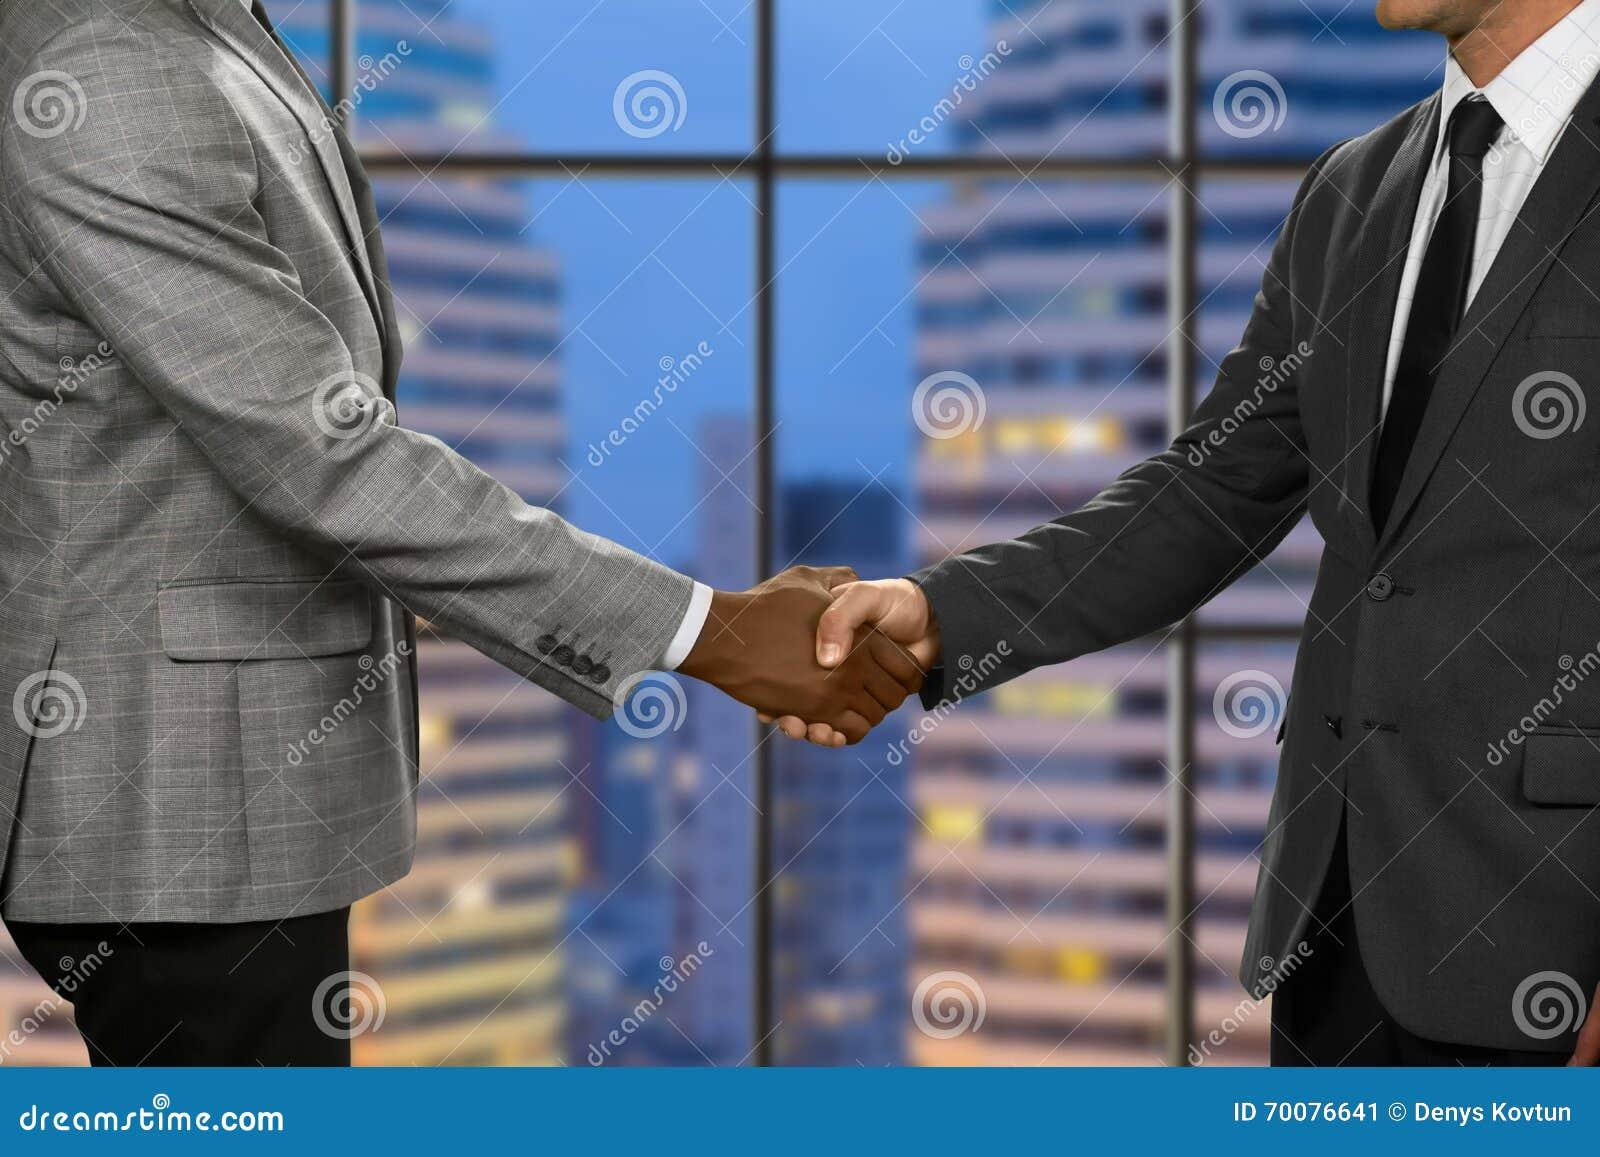 Los hombres de negocios adultos sacuden las manos